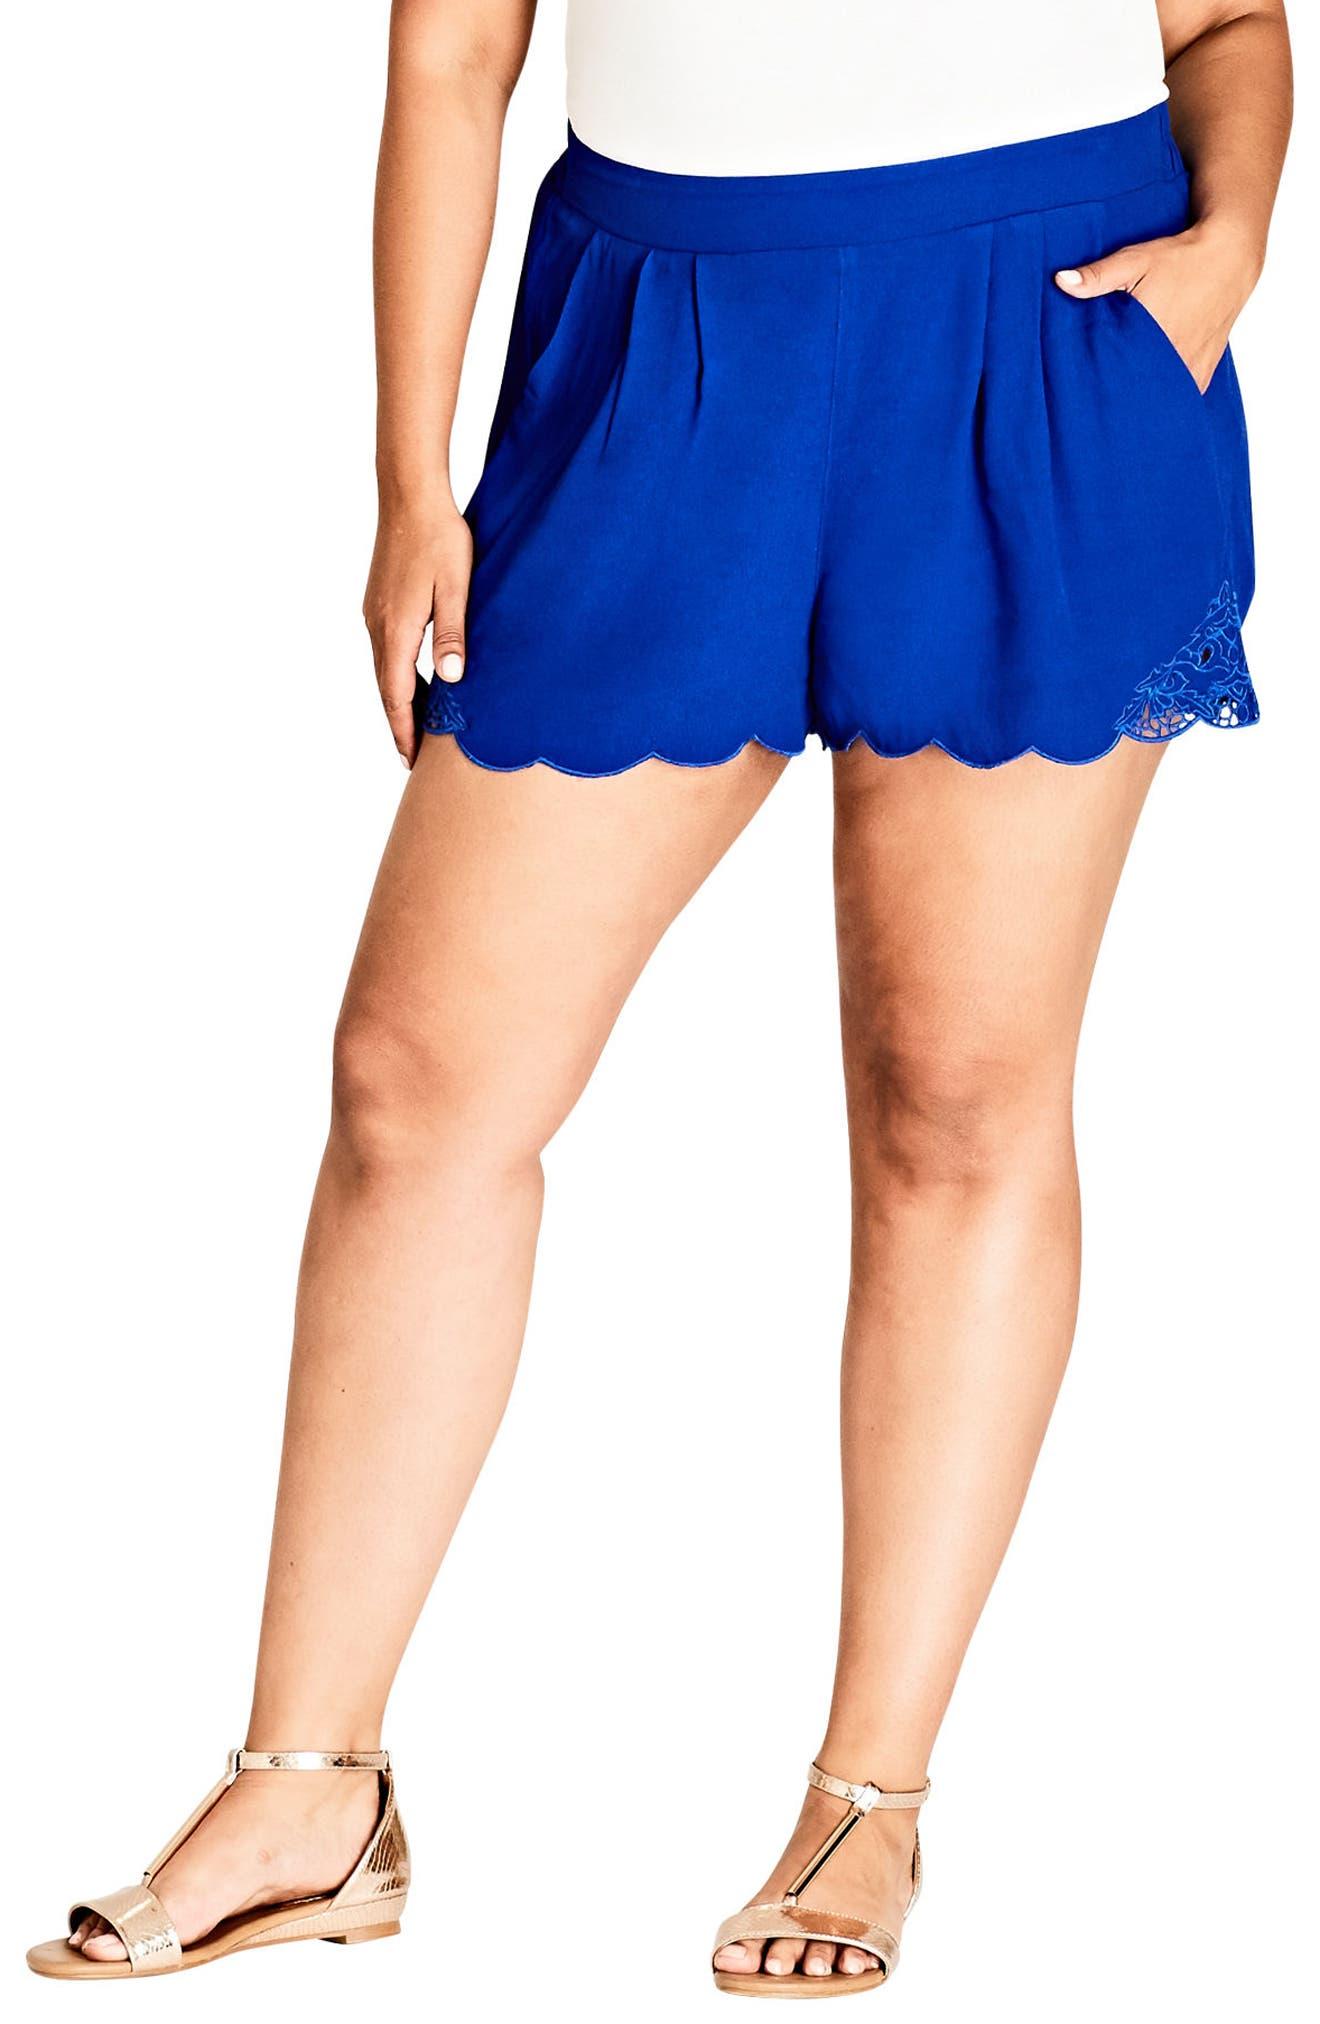 Scalloped Lace Shorts,                             Main thumbnail 1, color,                             408